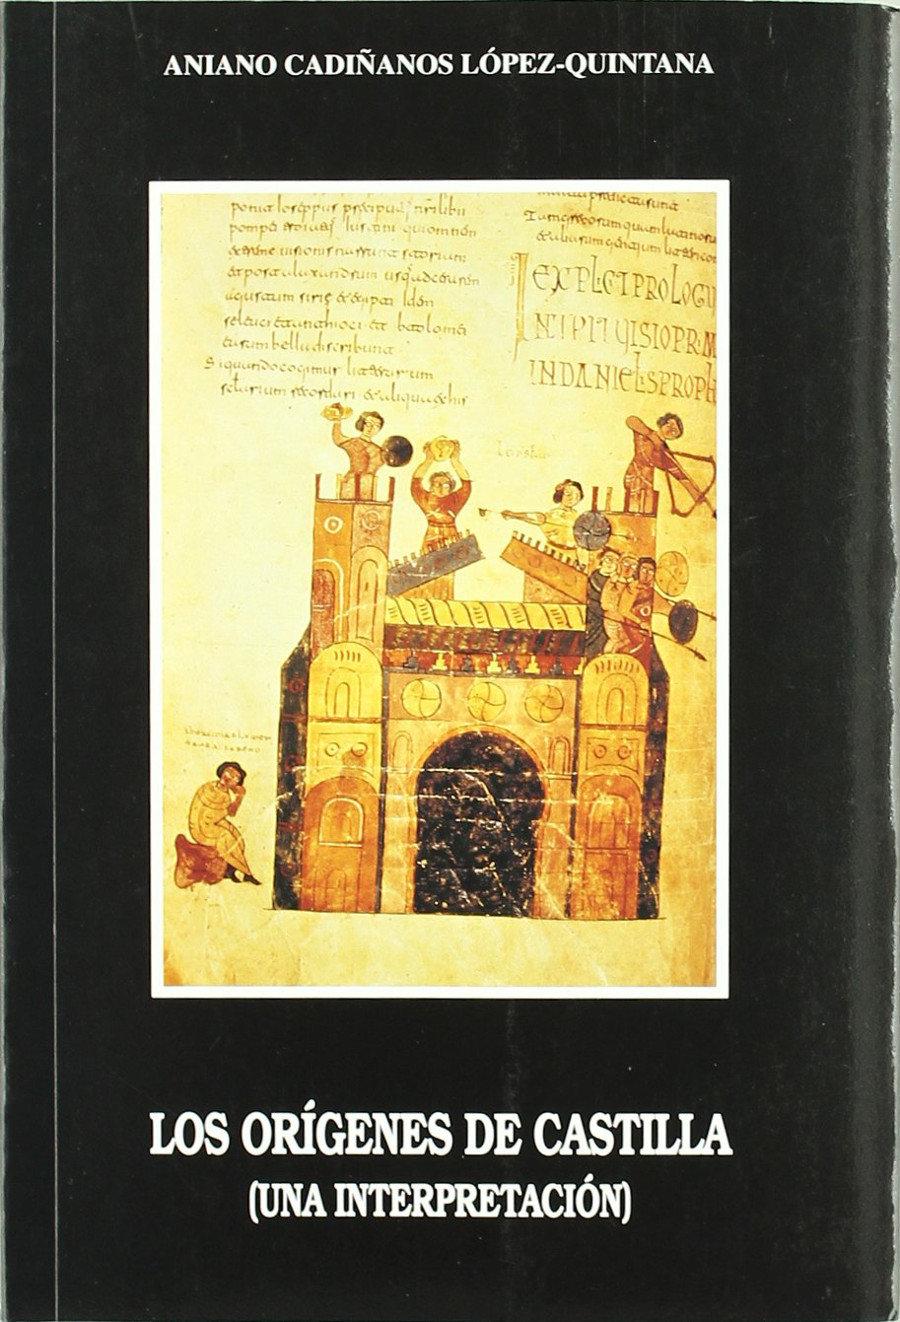 Los orígenes de Castilla (Una interpretación) Book Cover